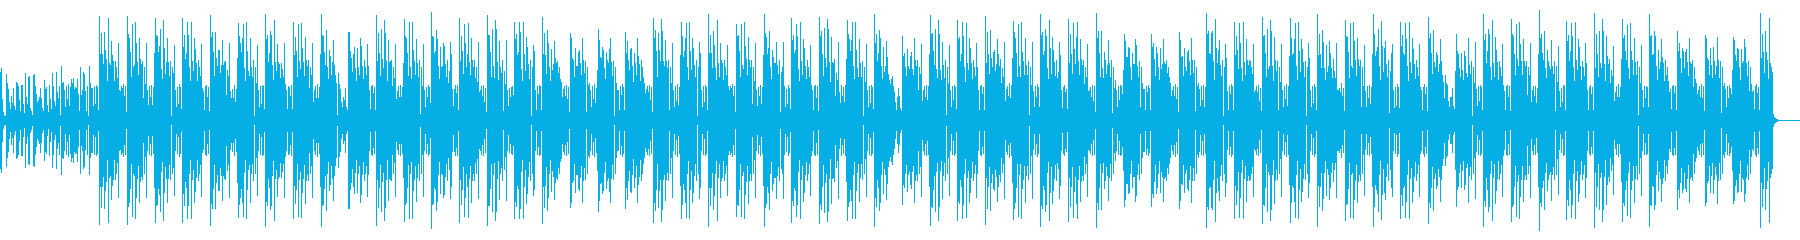 スタイリッシュ洋楽ヒップホップ・Vlogの再生済みの波形